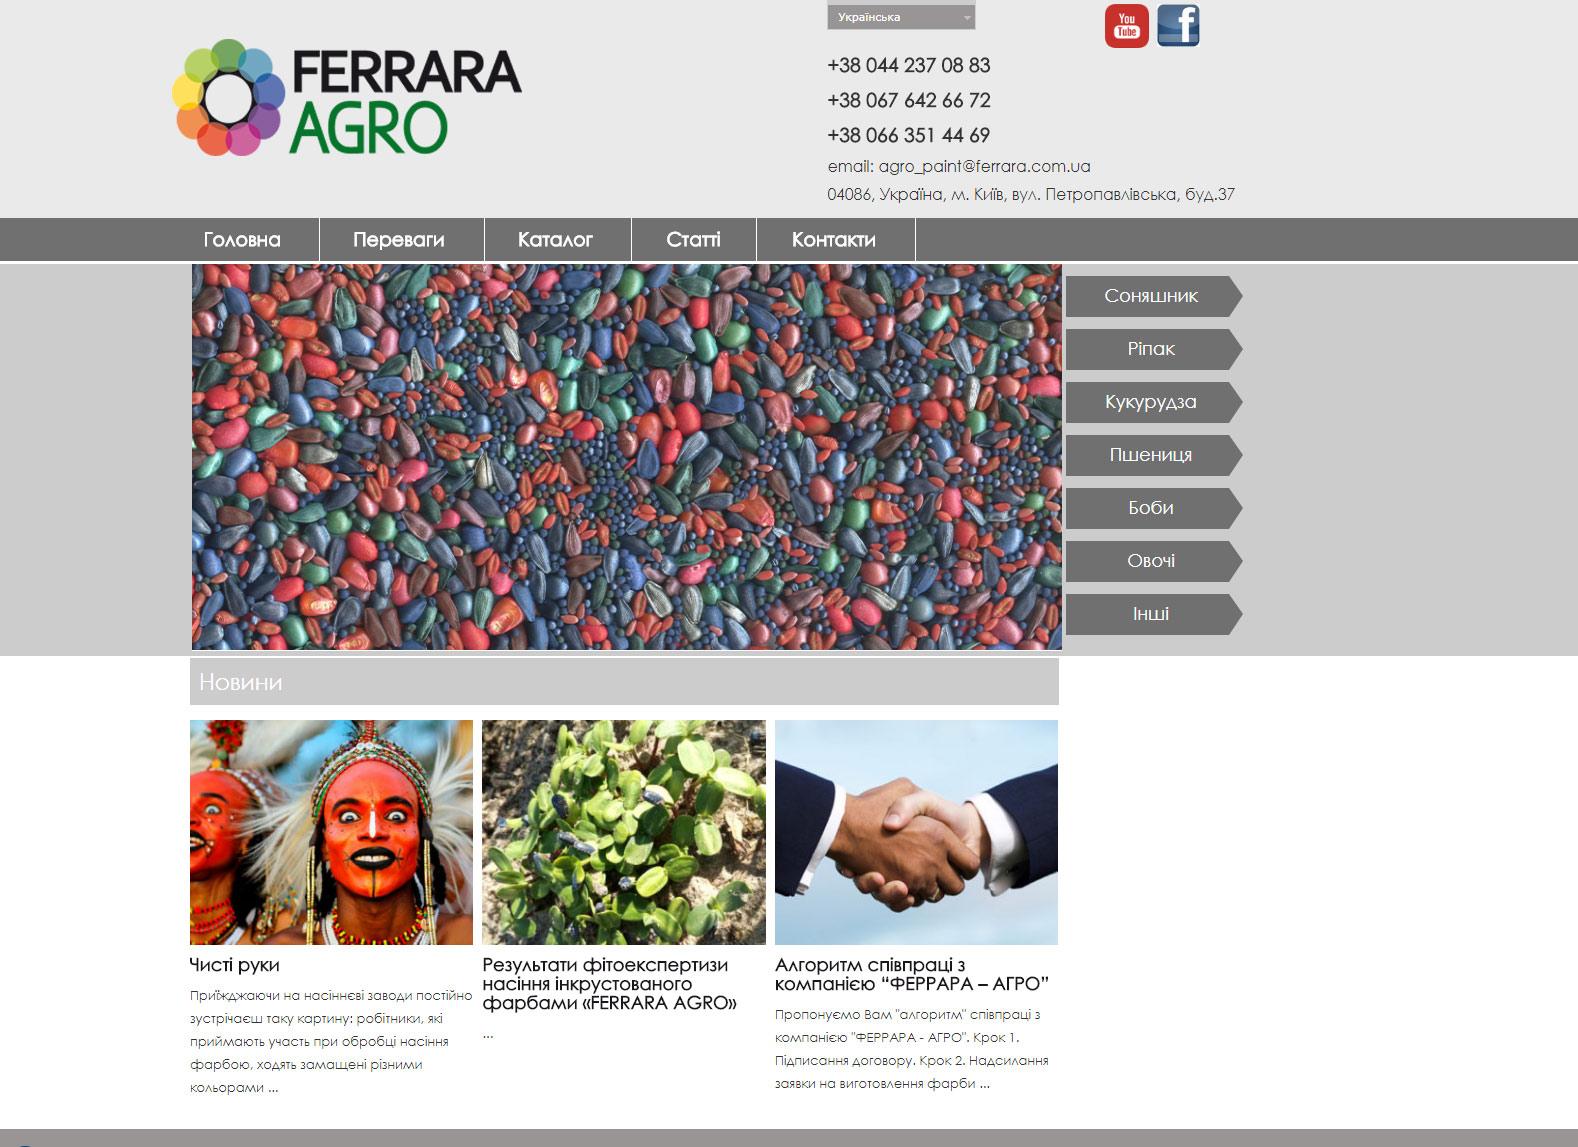 Украинский производитель Ferrara Agro